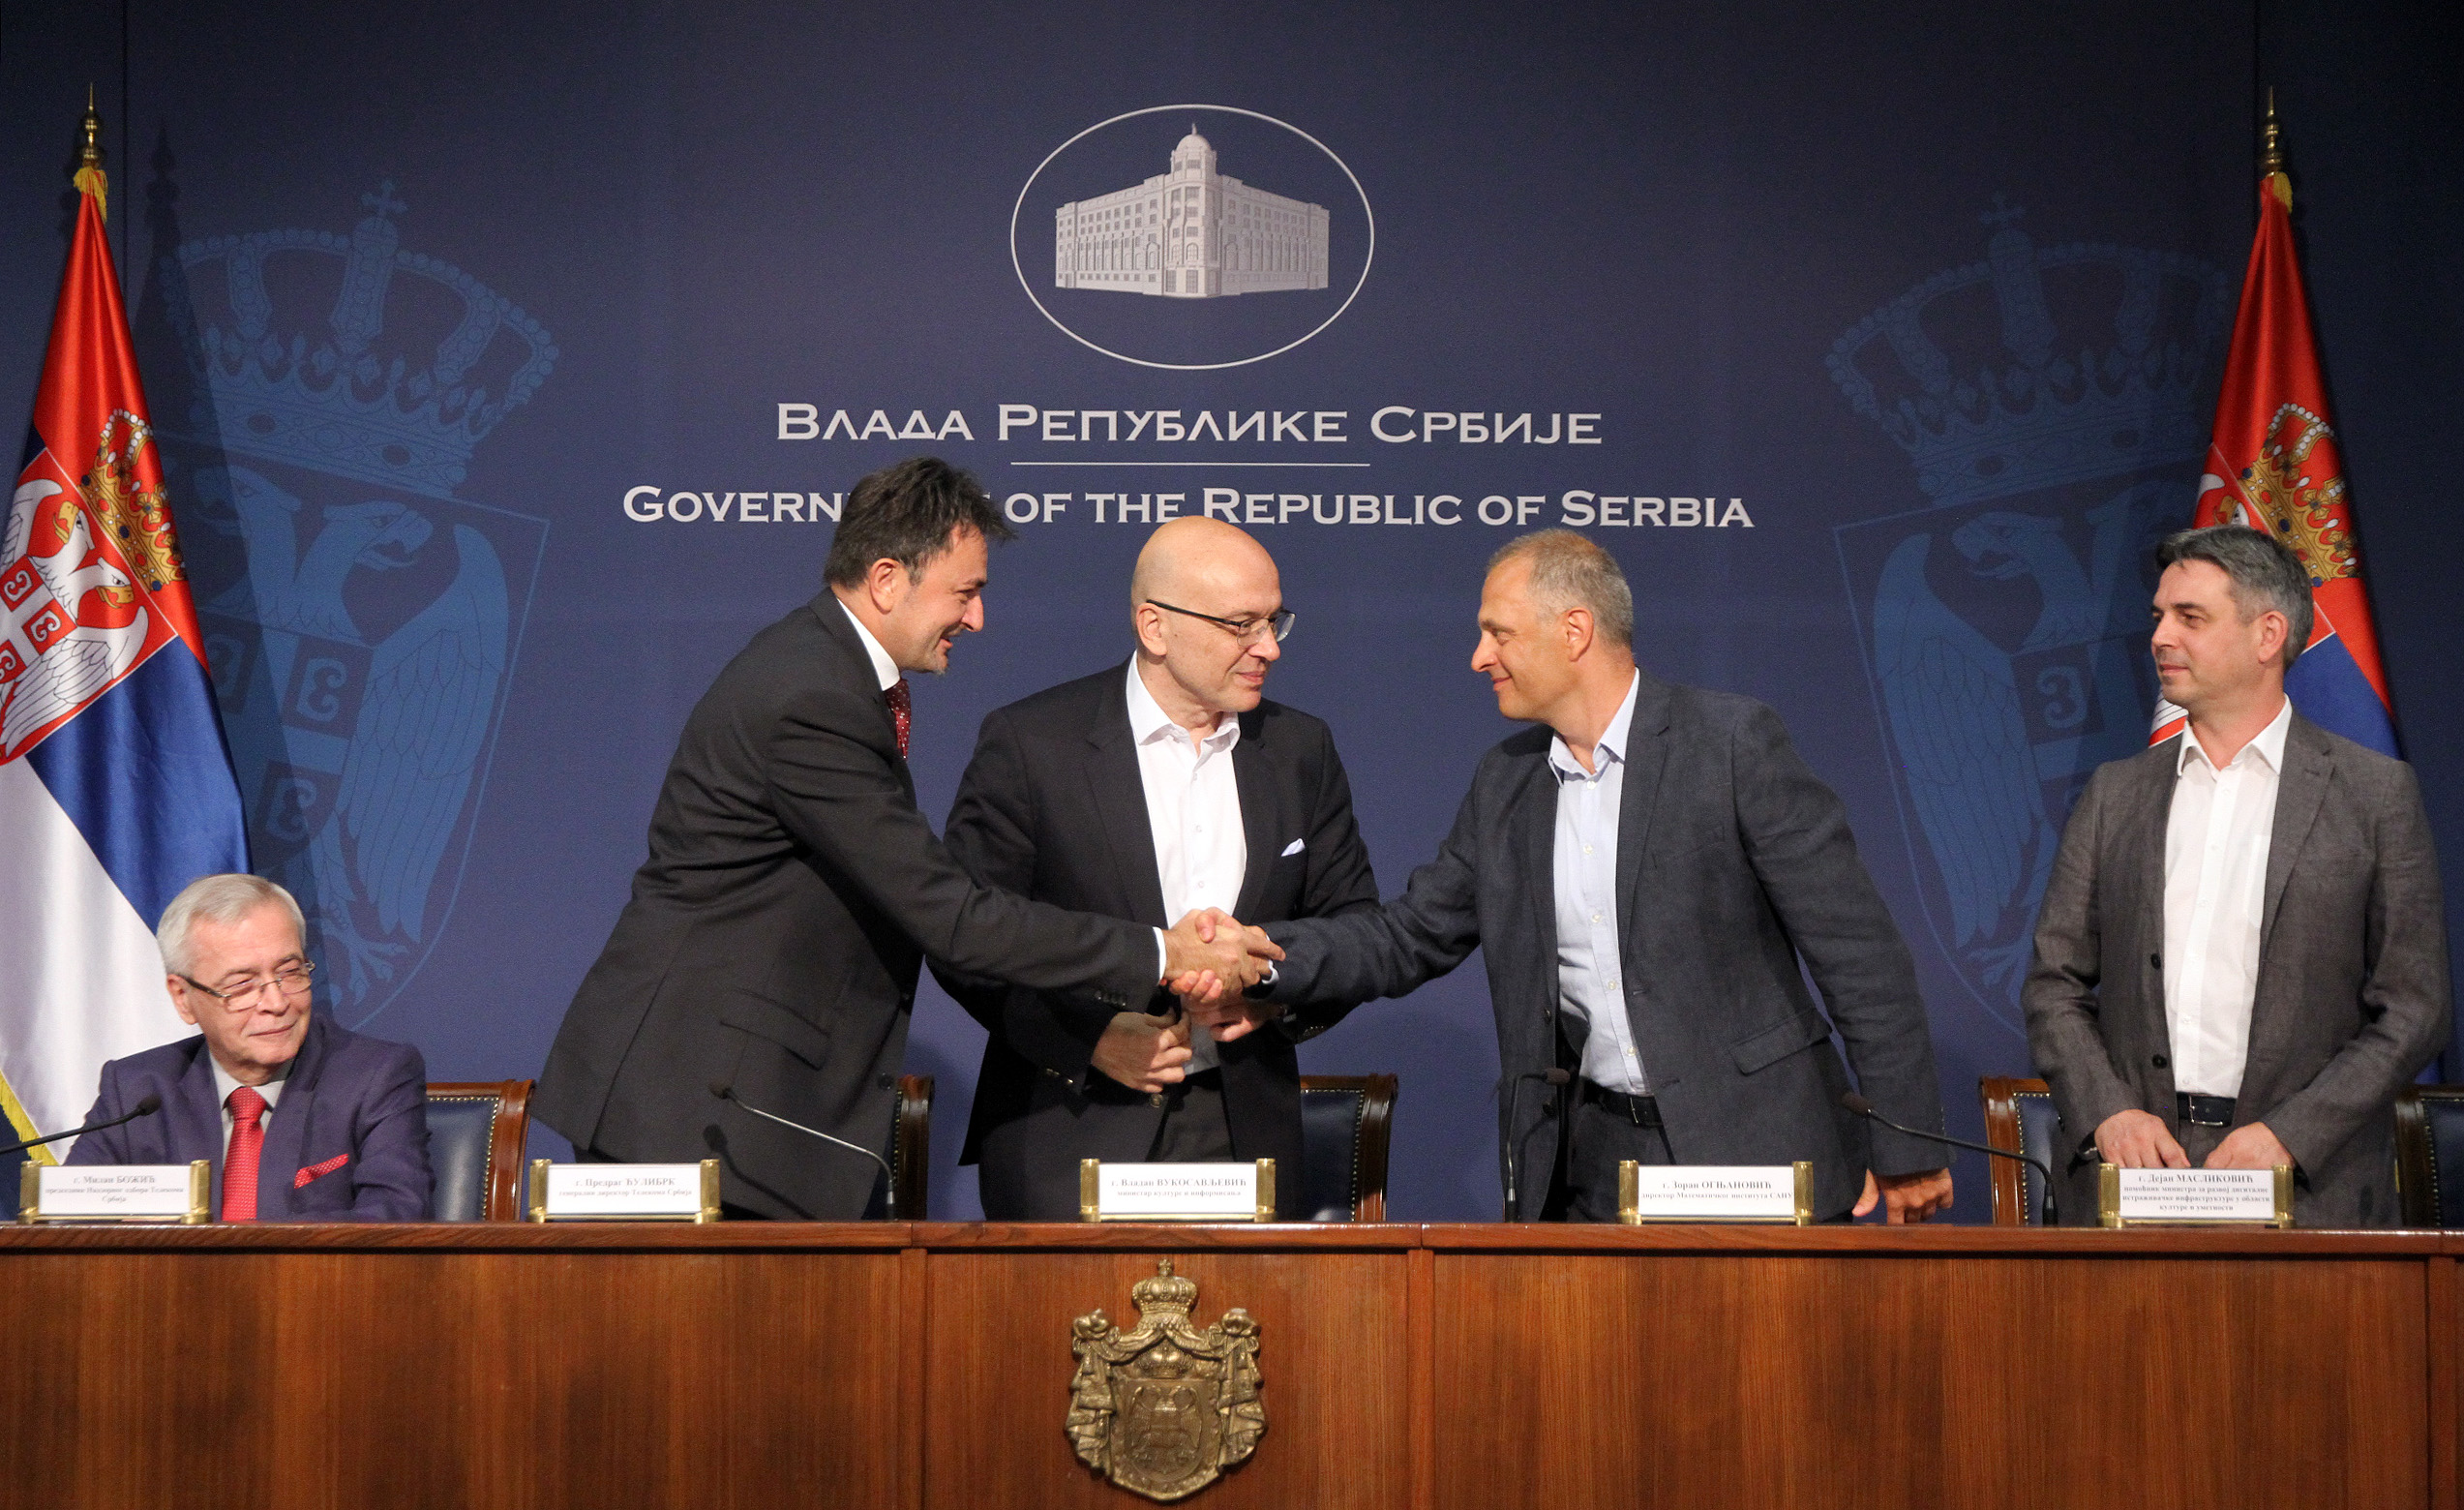 telekom potpisivanje ugovora u vladi srbije mondo goran sivački 26